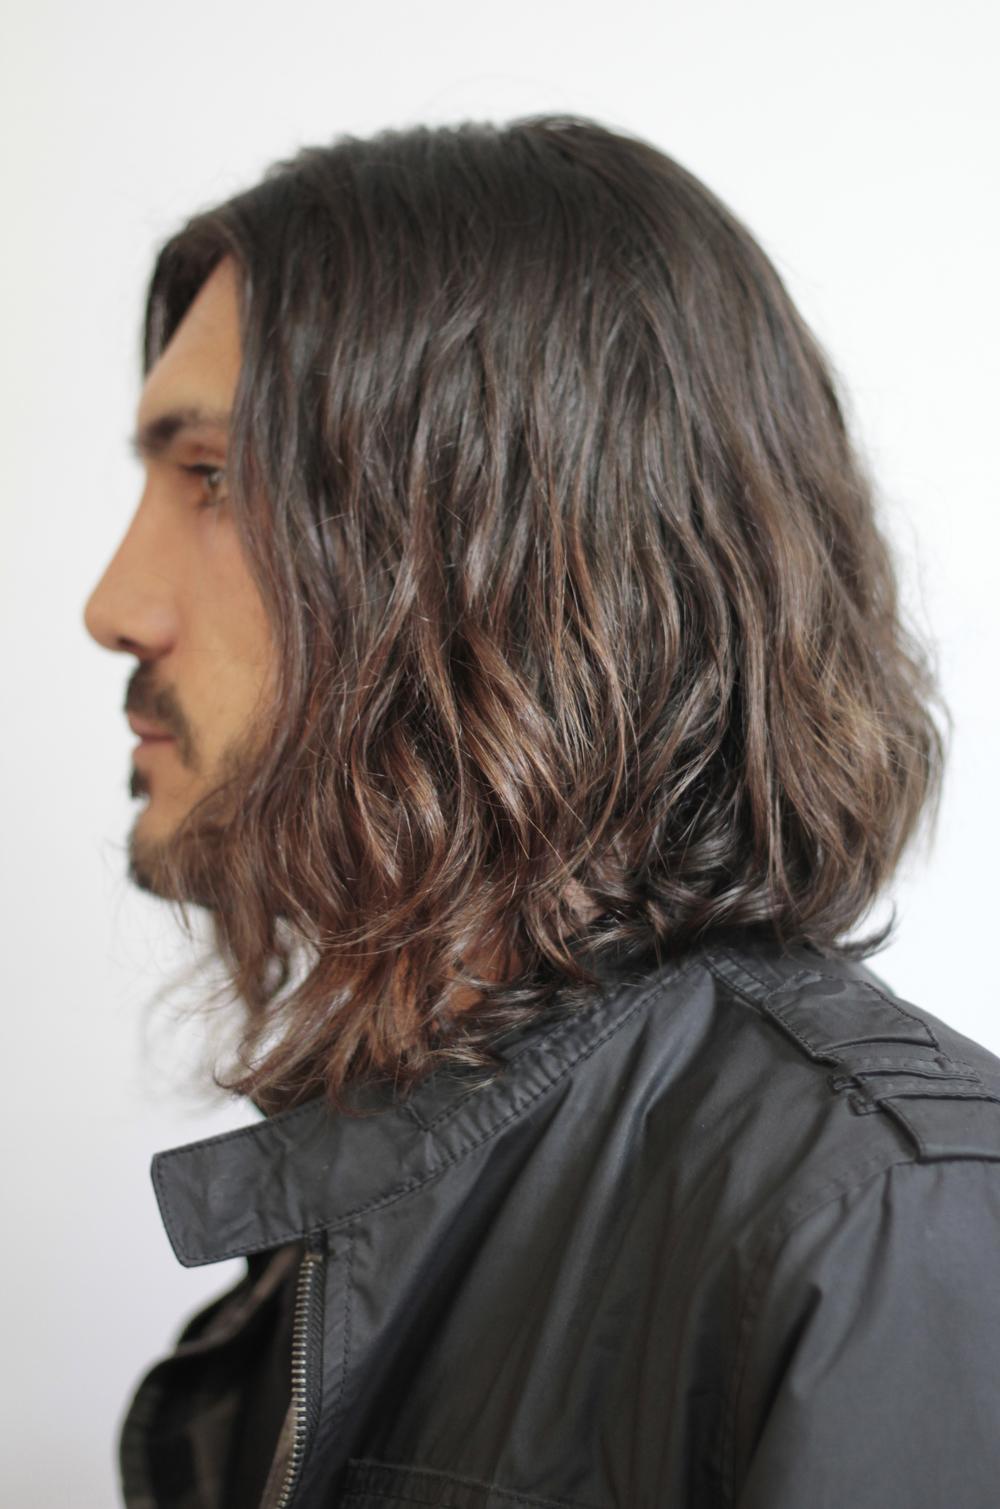 haircuts_08.jpg